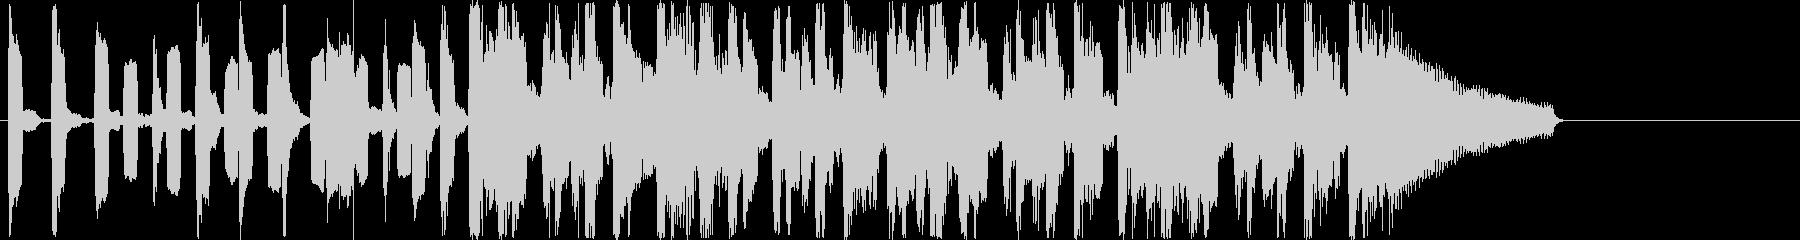 リコーダーを用いた15秒ジングルの未再生の波形